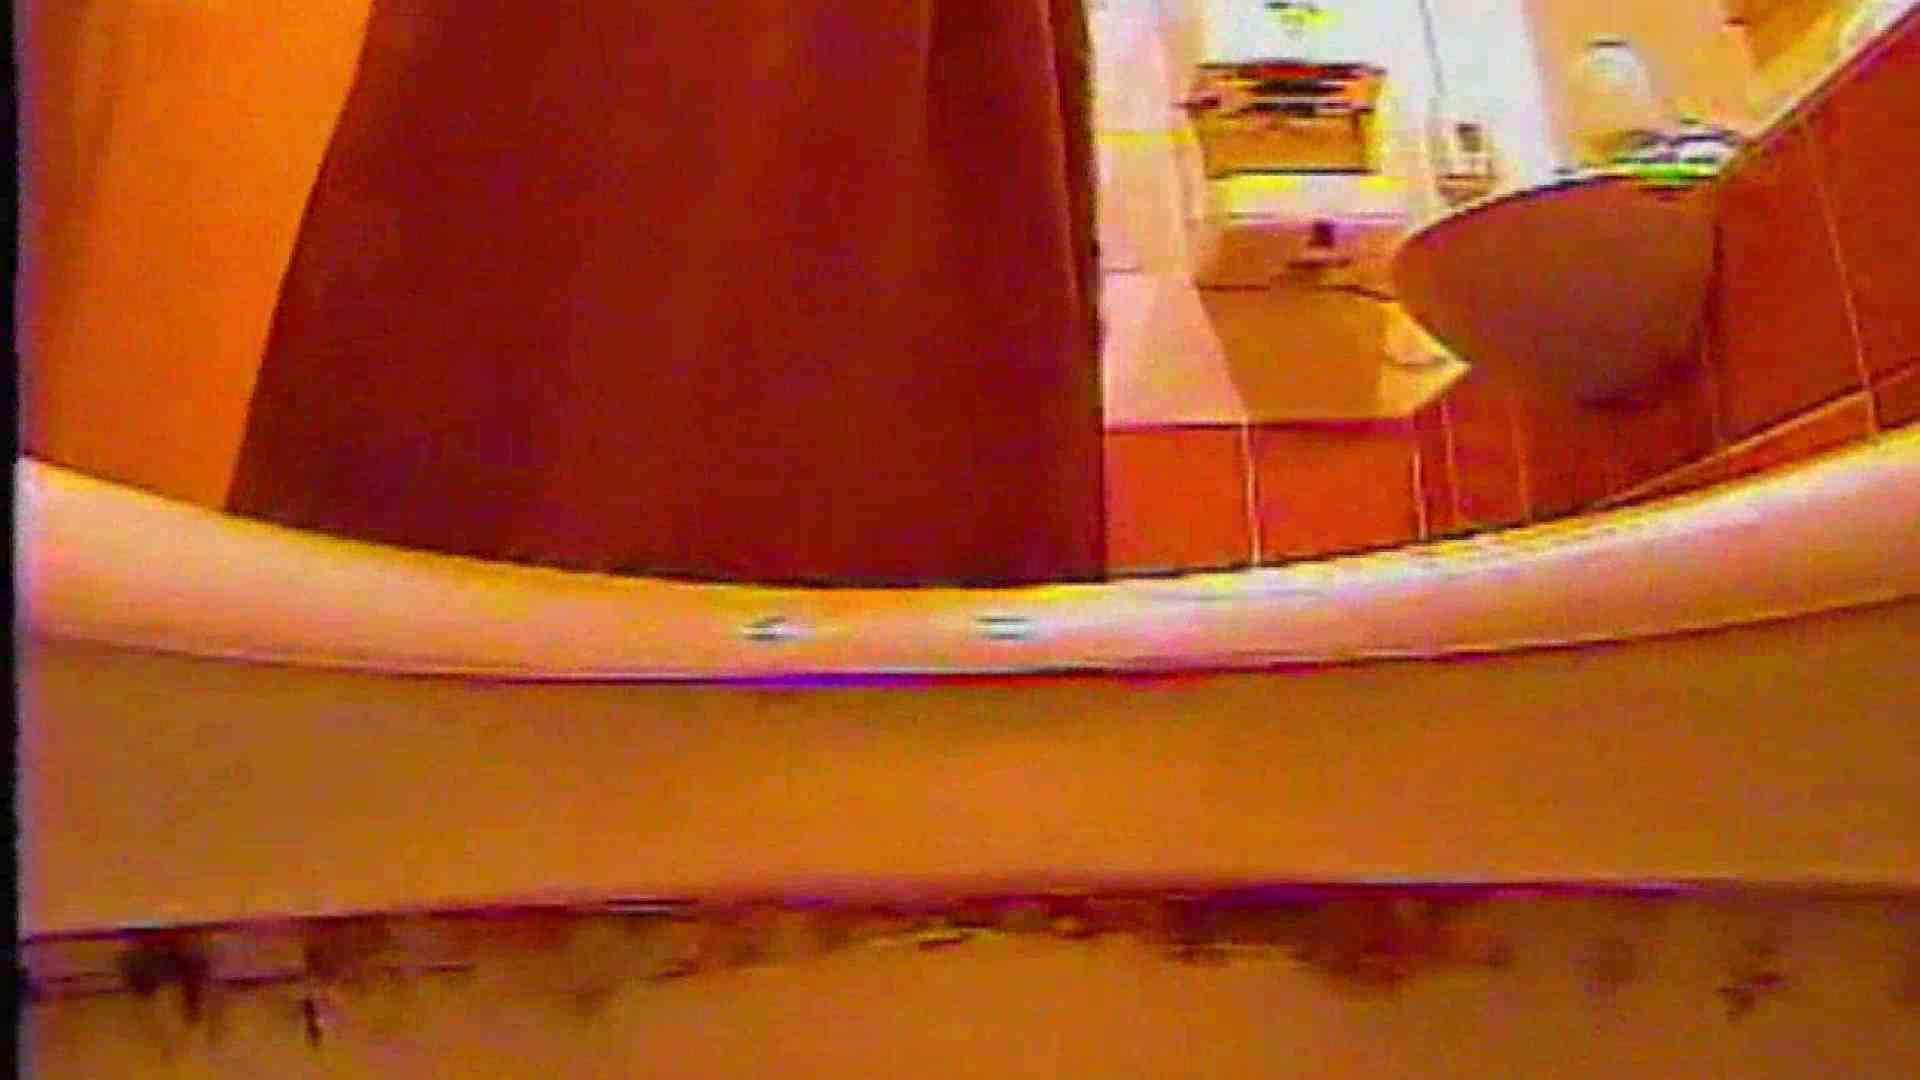 キレカワ女子大生の秘密の洗面所!Vol.047 放尿流出 おまんこ無修正動画無料 105連発 70